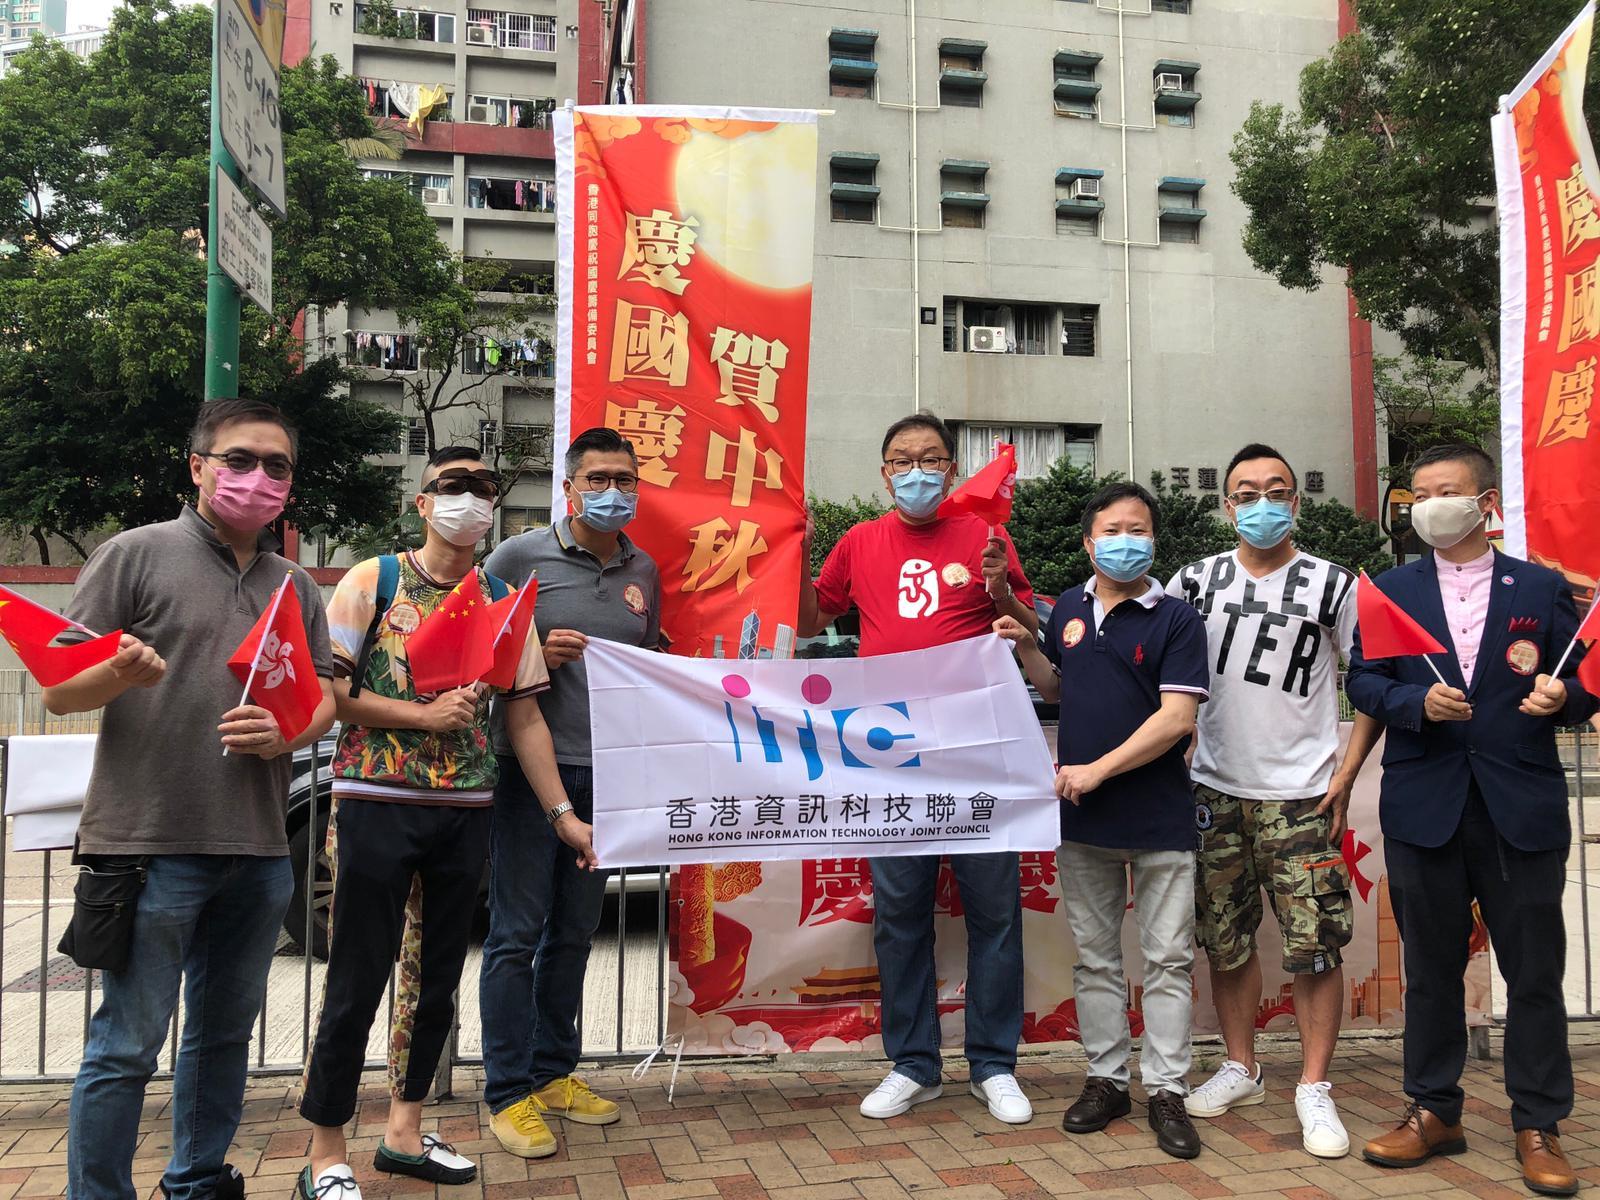 活動由香港資訊科技聯會、互聯網專業協會、香港軟件行業協會、香港青年科創促進會、香港廣州創新及科技協會、IT青年網絡、香港資訊科技界國慶籌委會以及電訊及資訊科技業僱員總工會共同舉辦。